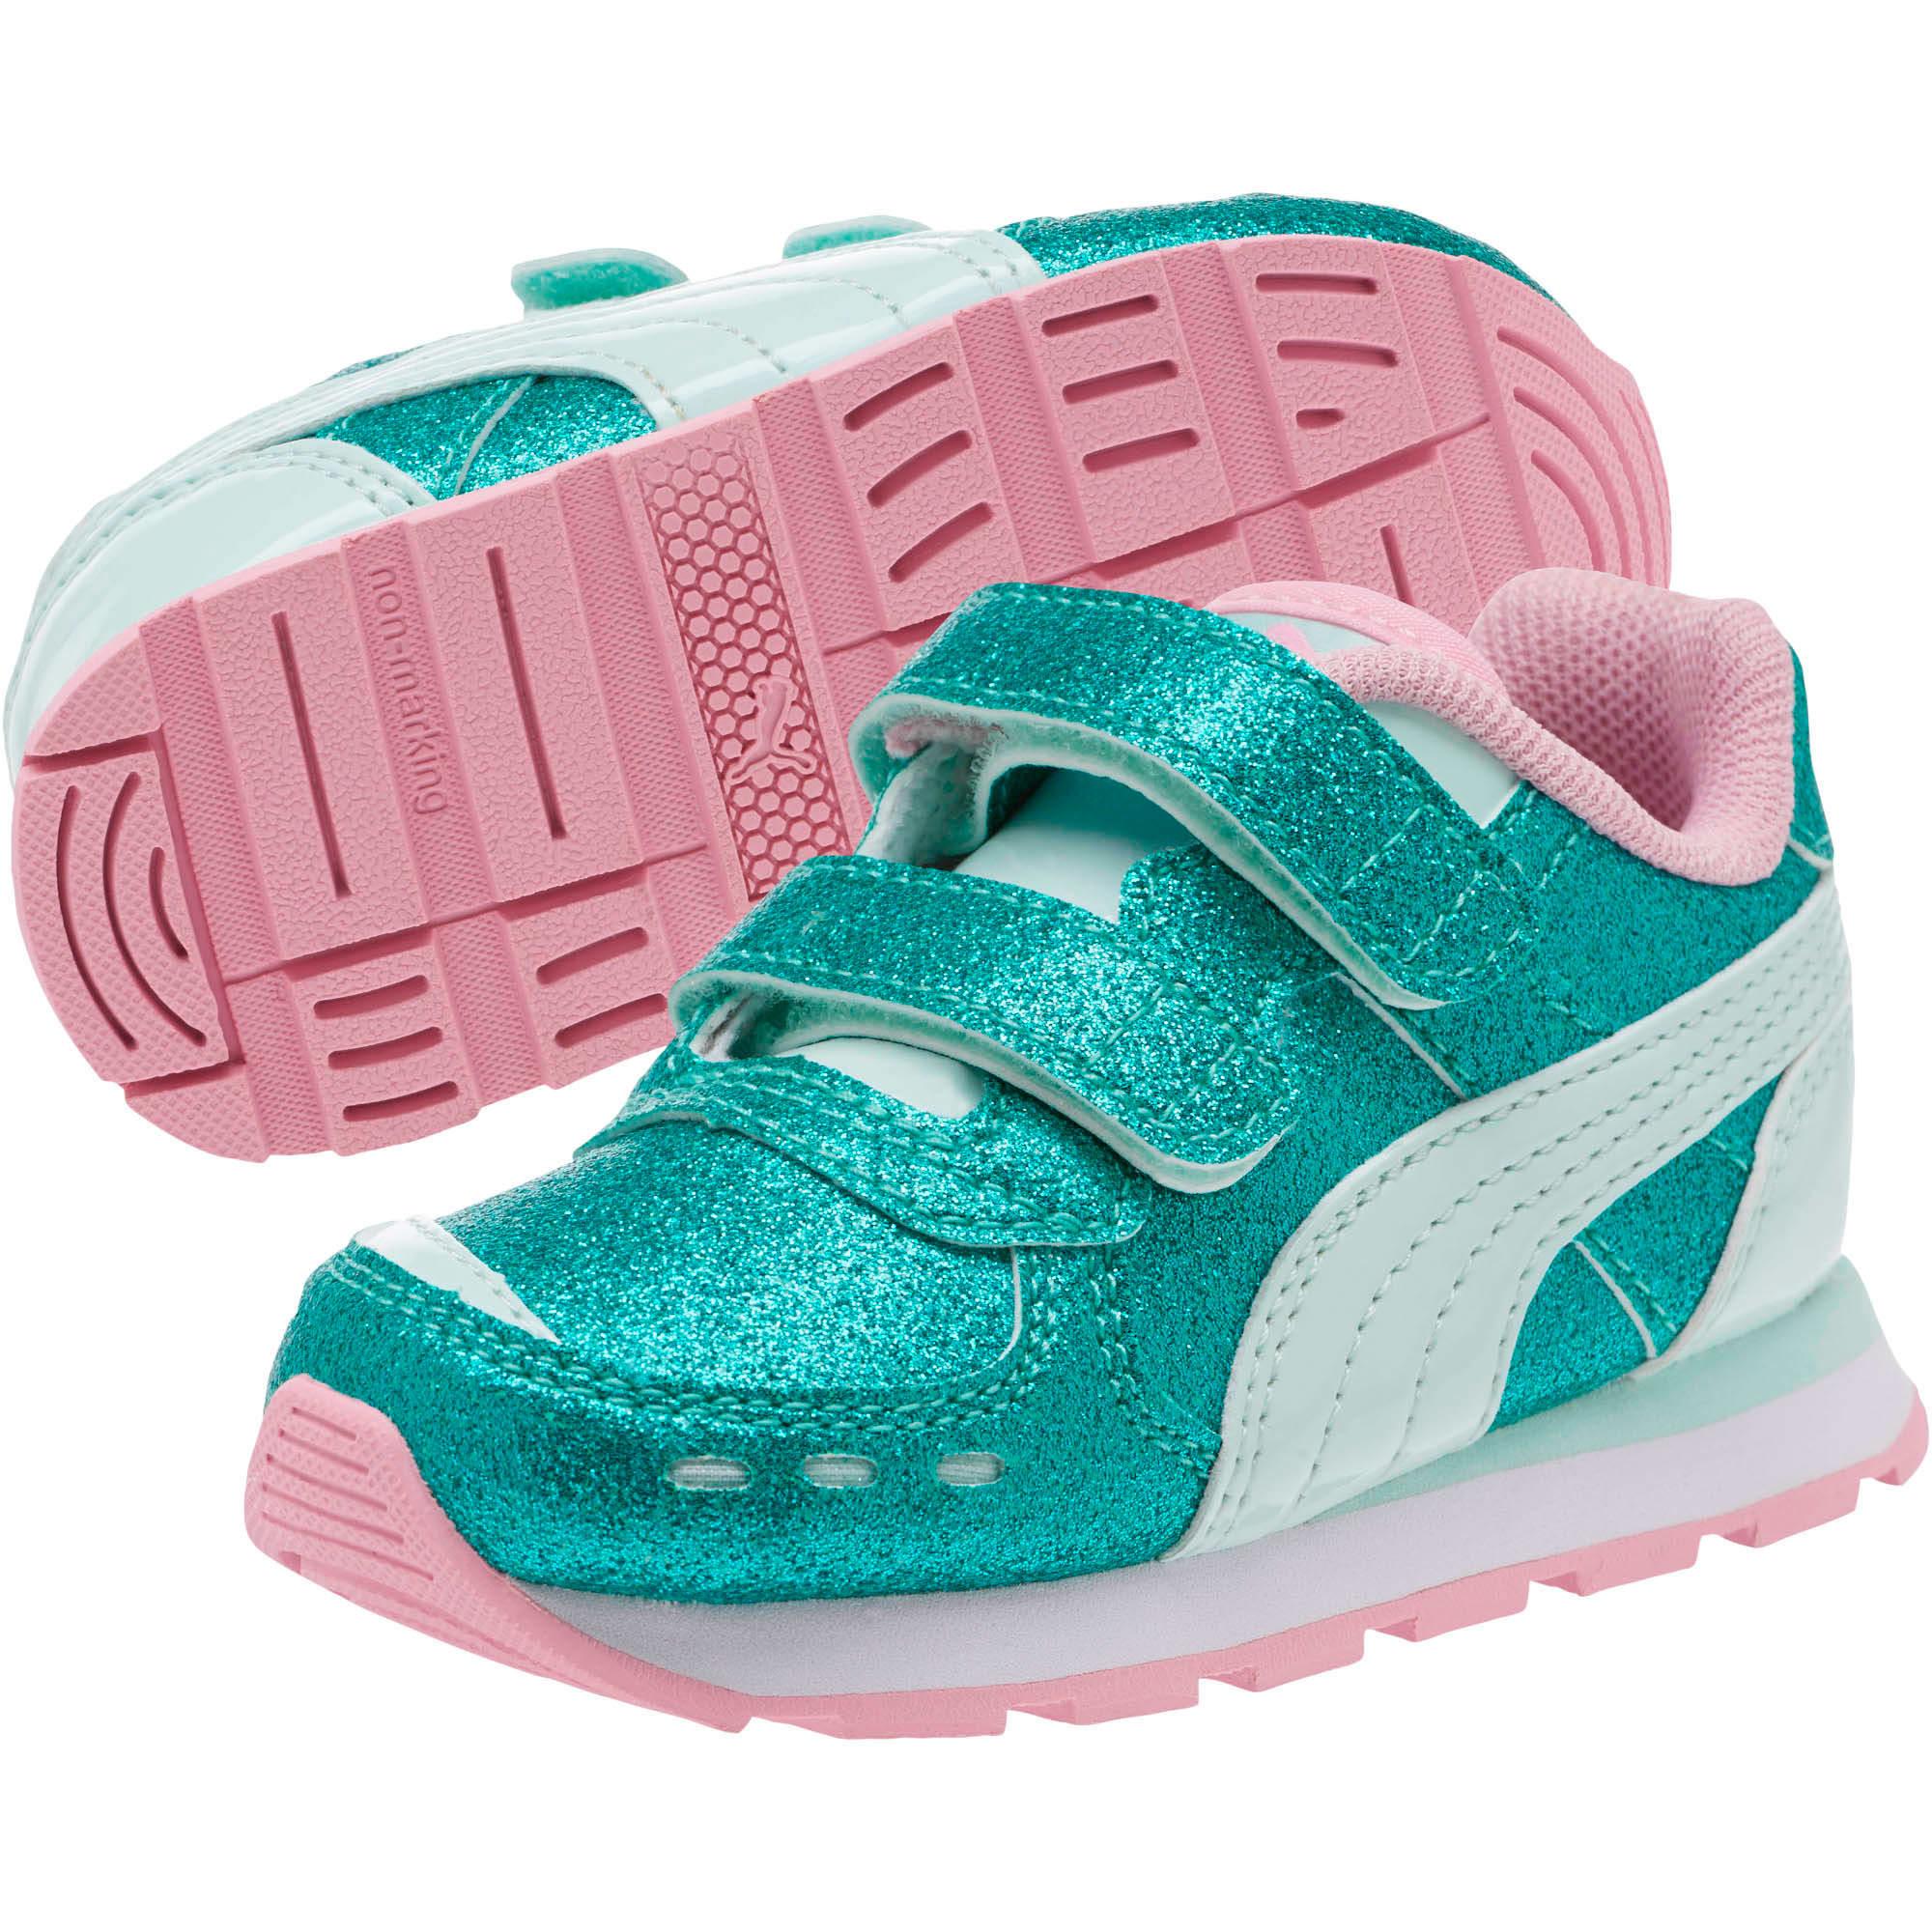 Miniatura 2 de Zapatos Vista Glitz para bebés, Fair Aqua-Pale Pink, mediano